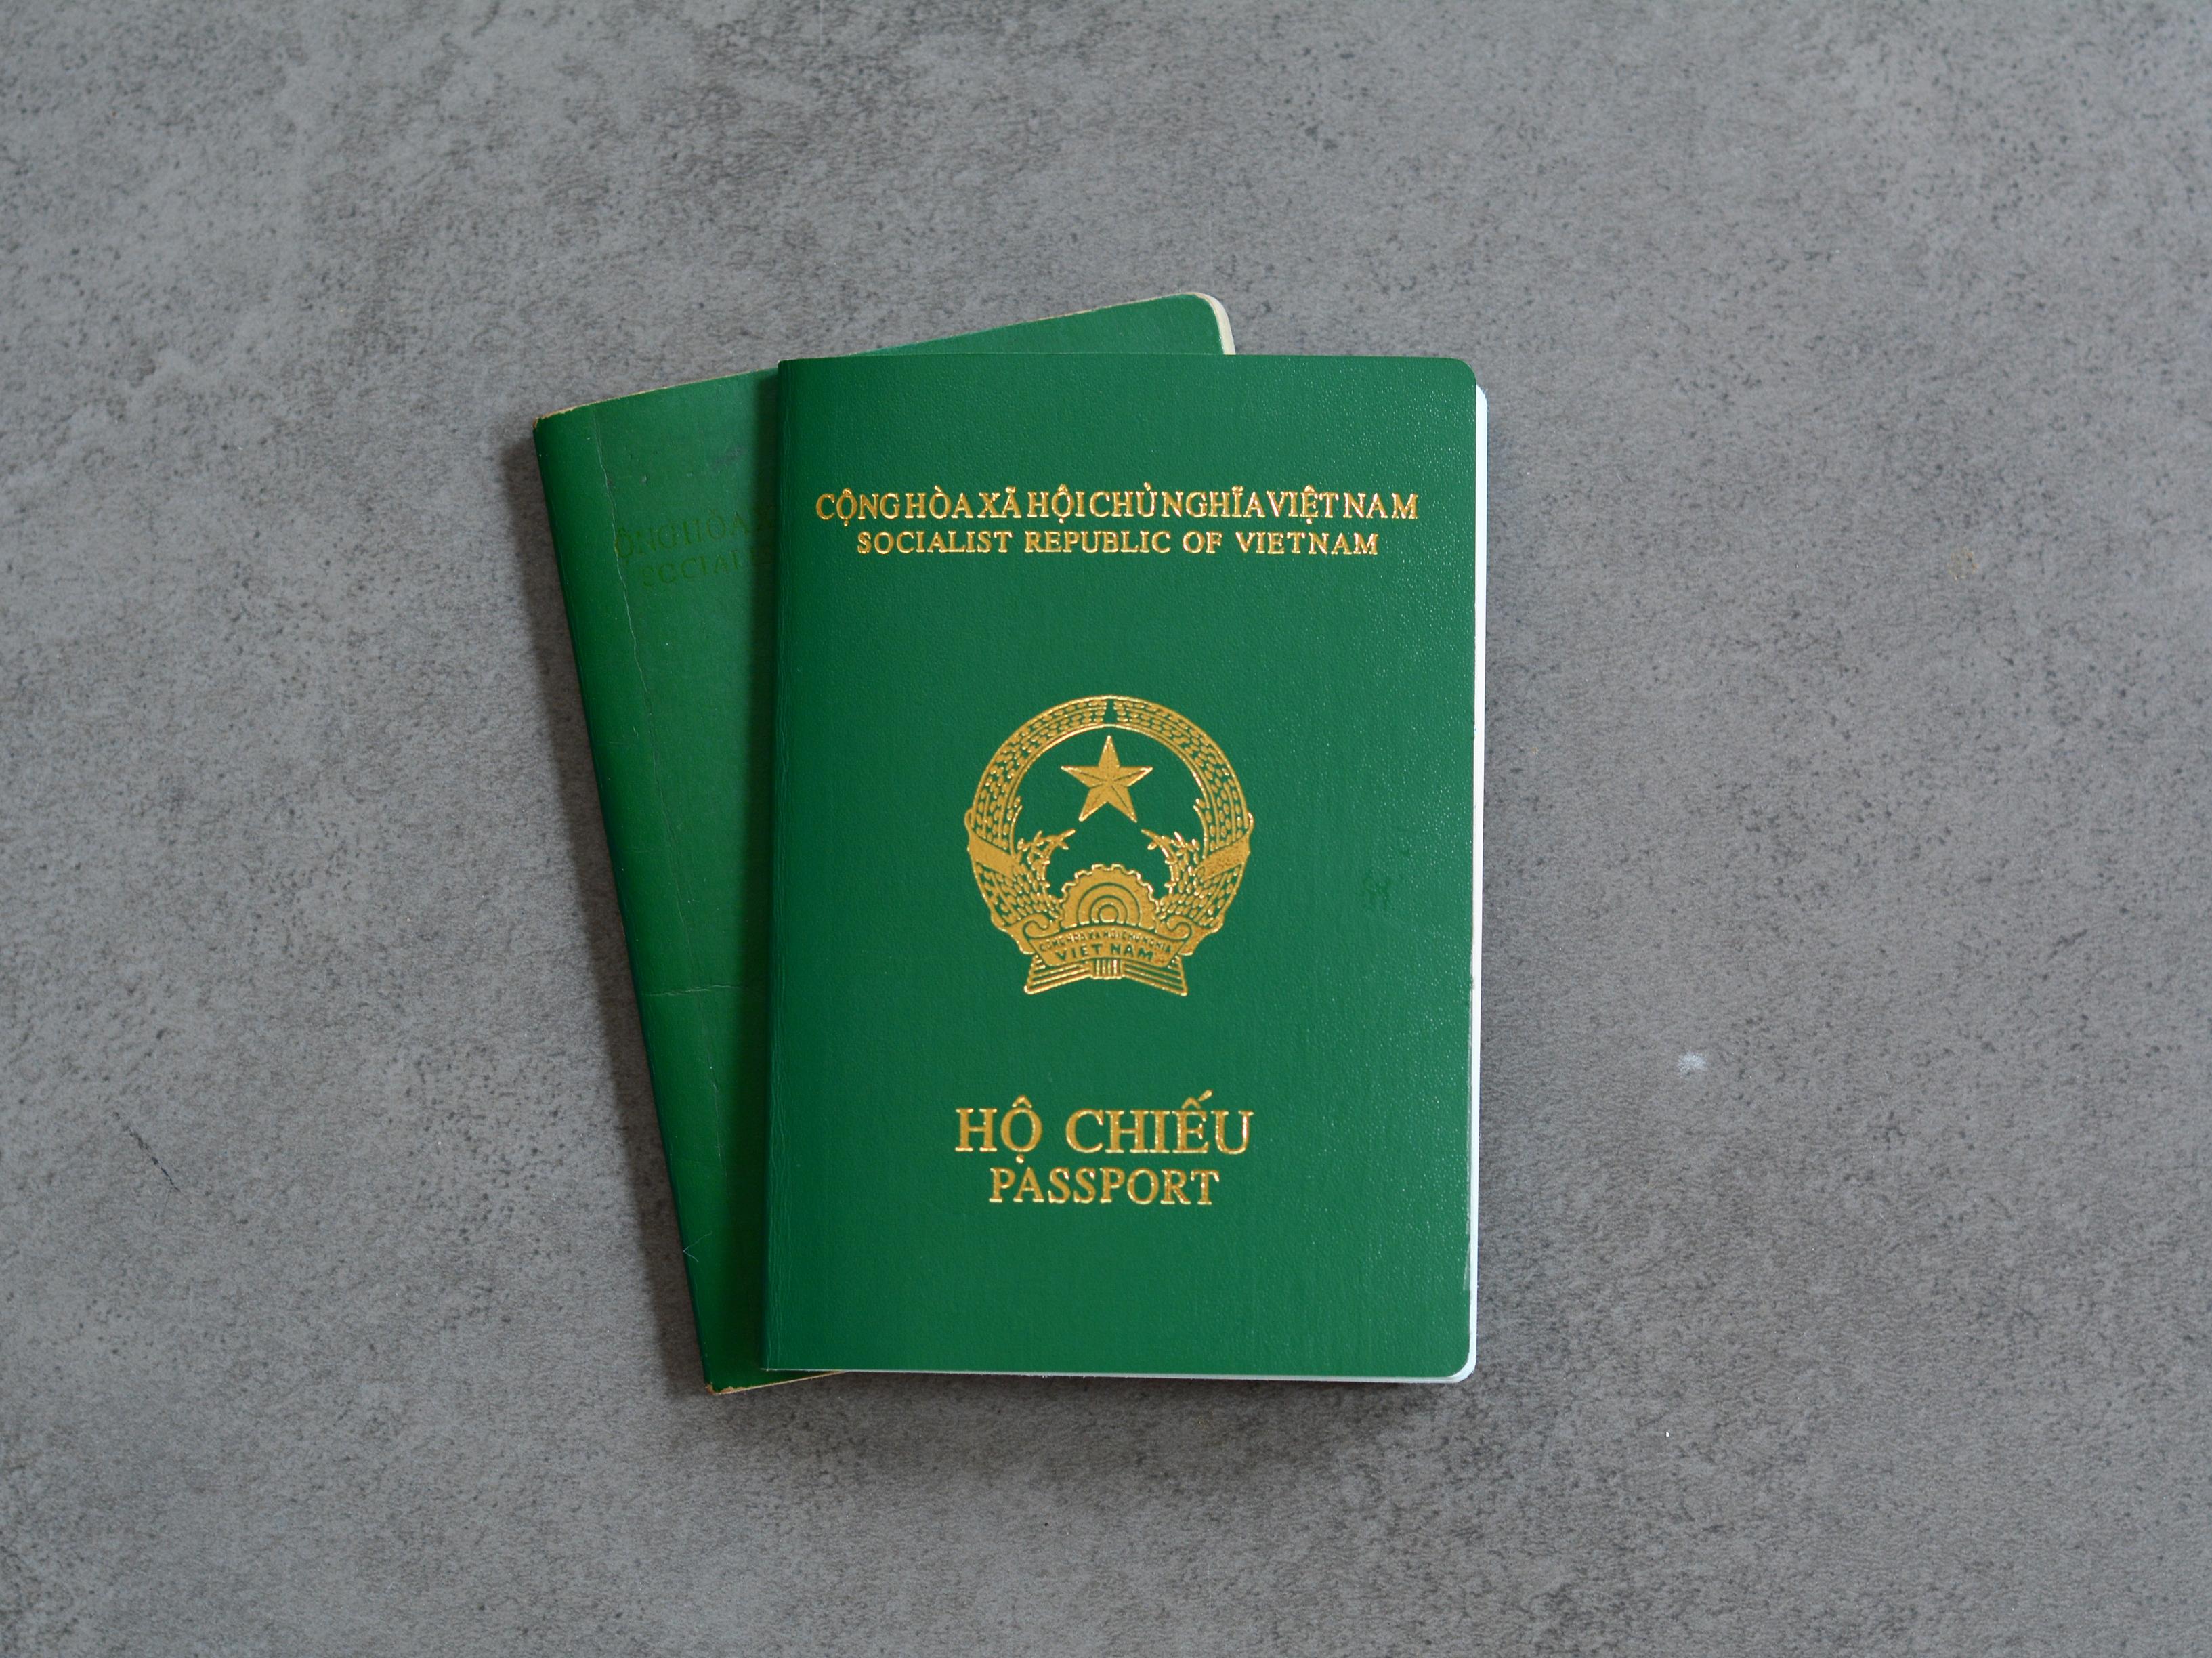 Вьетнамские паспорта, которые могут получить иностранцы